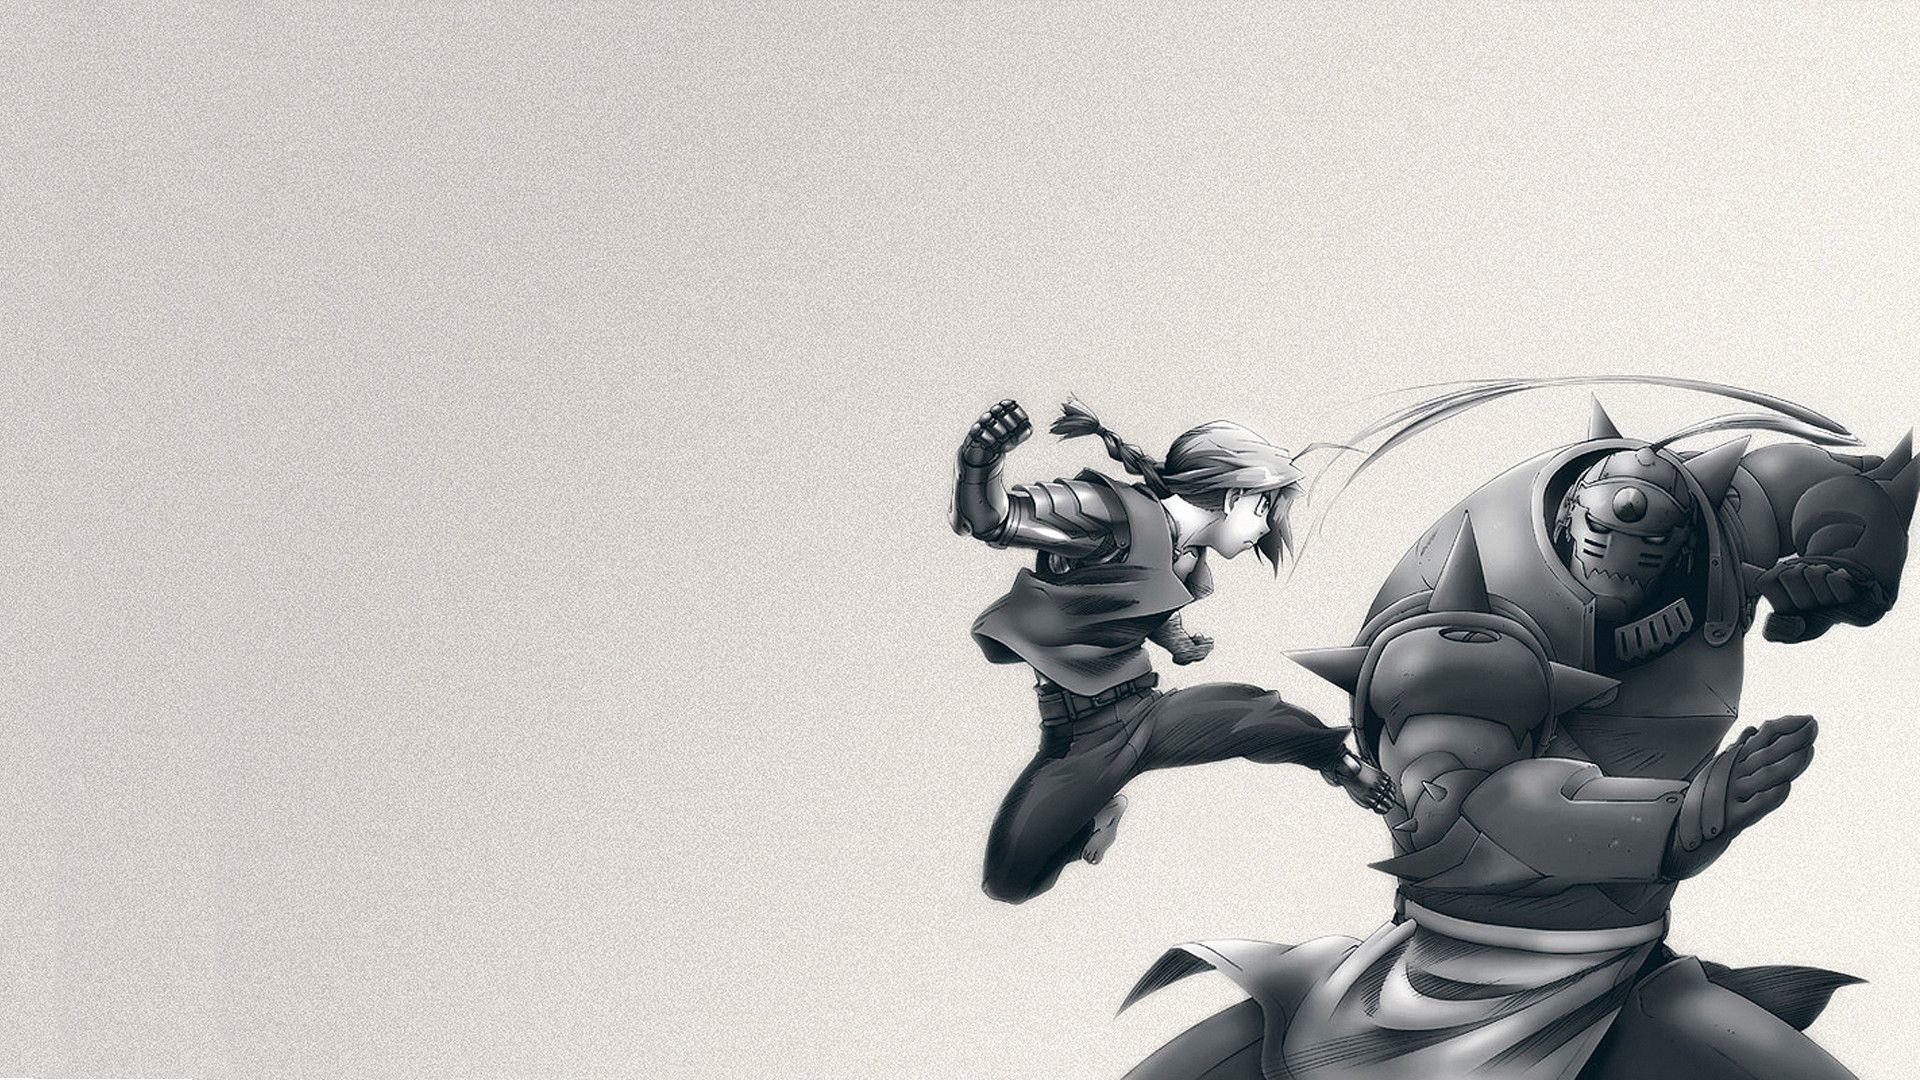 Fullmetal Alchemist HD Wallpaper